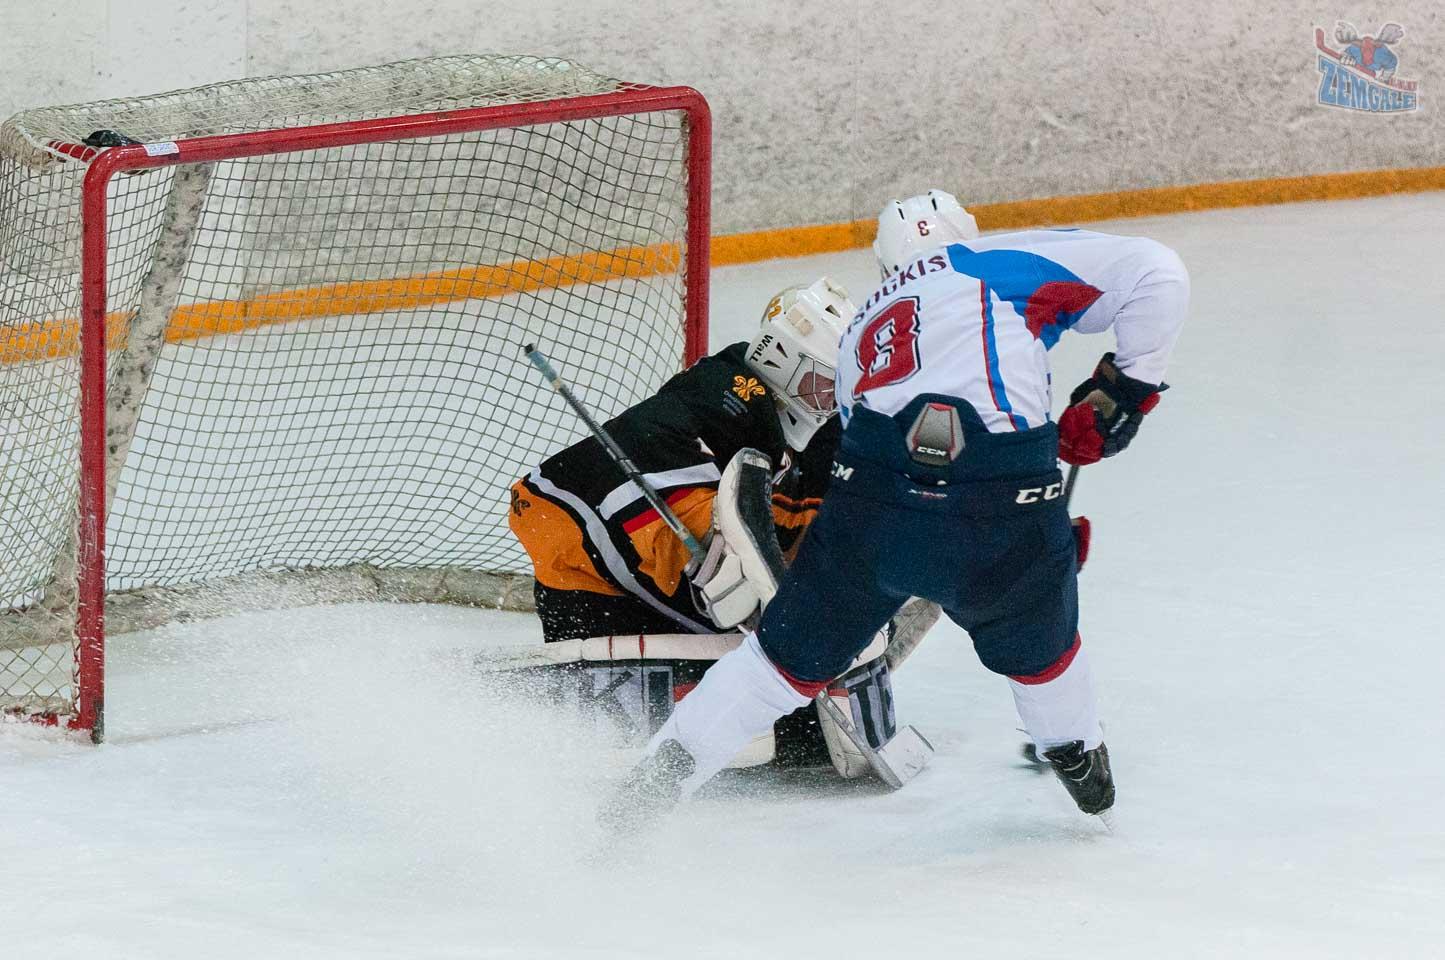 Hokeja uzbrucējs cenšas apspēlēt vārtsargu